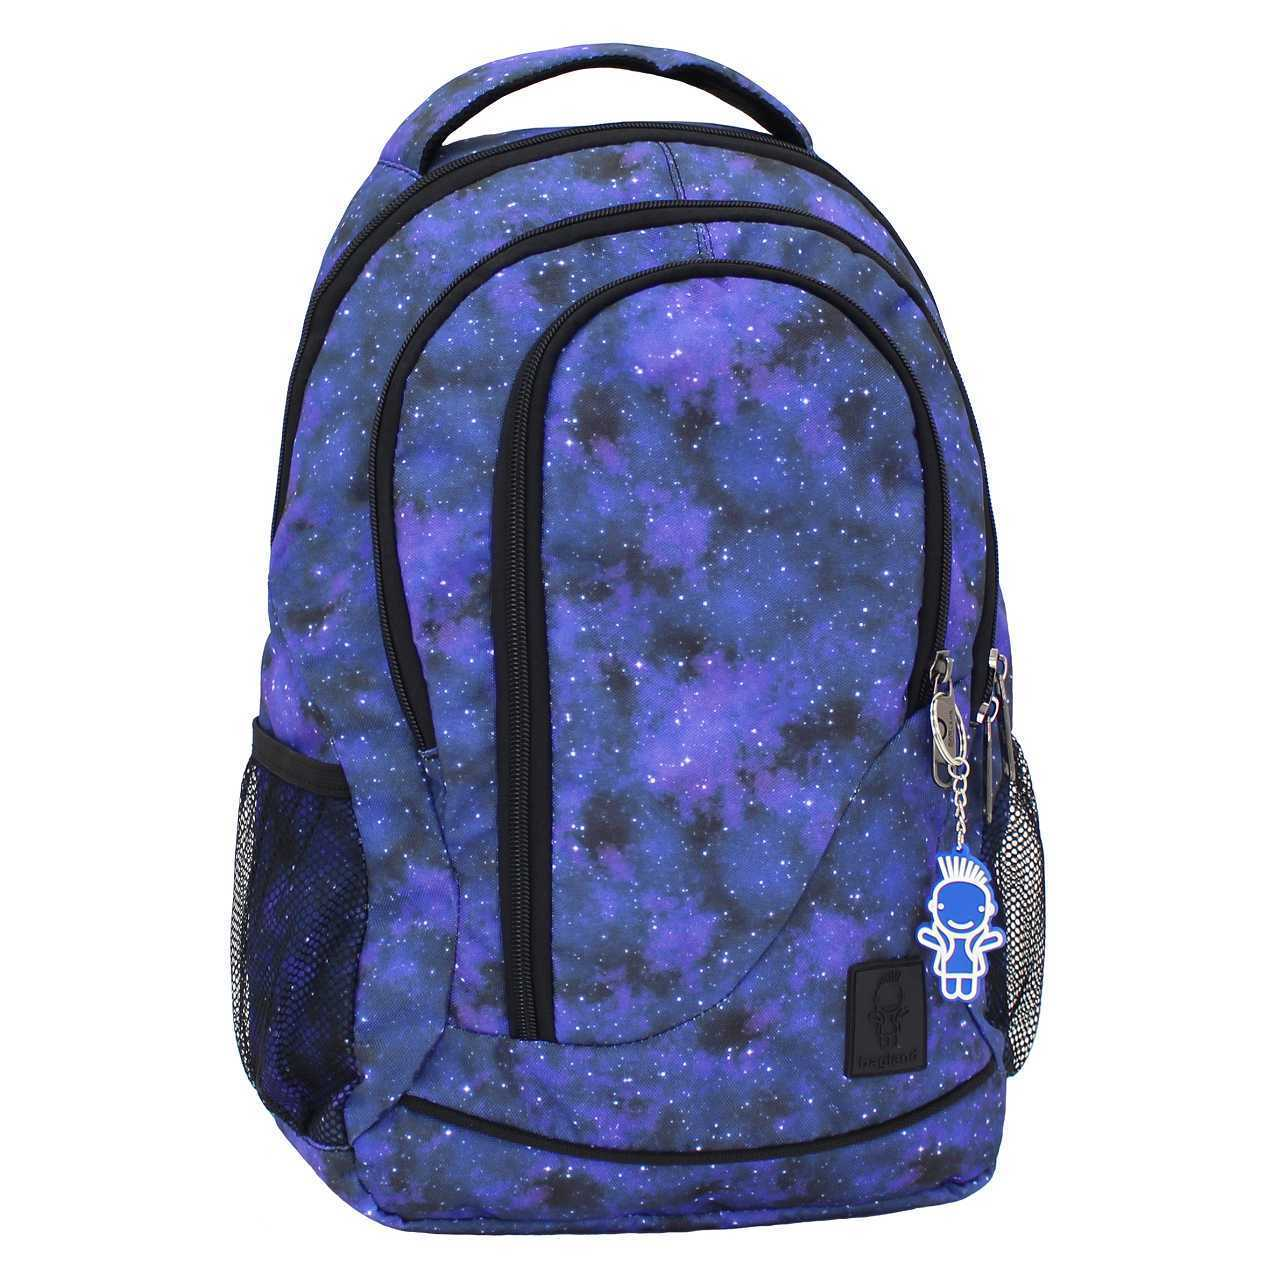 Городские рюкзаки Рюкзак Bagland Бис 19 л. сублимация (космос) (00556664) IMG_7611.jpg